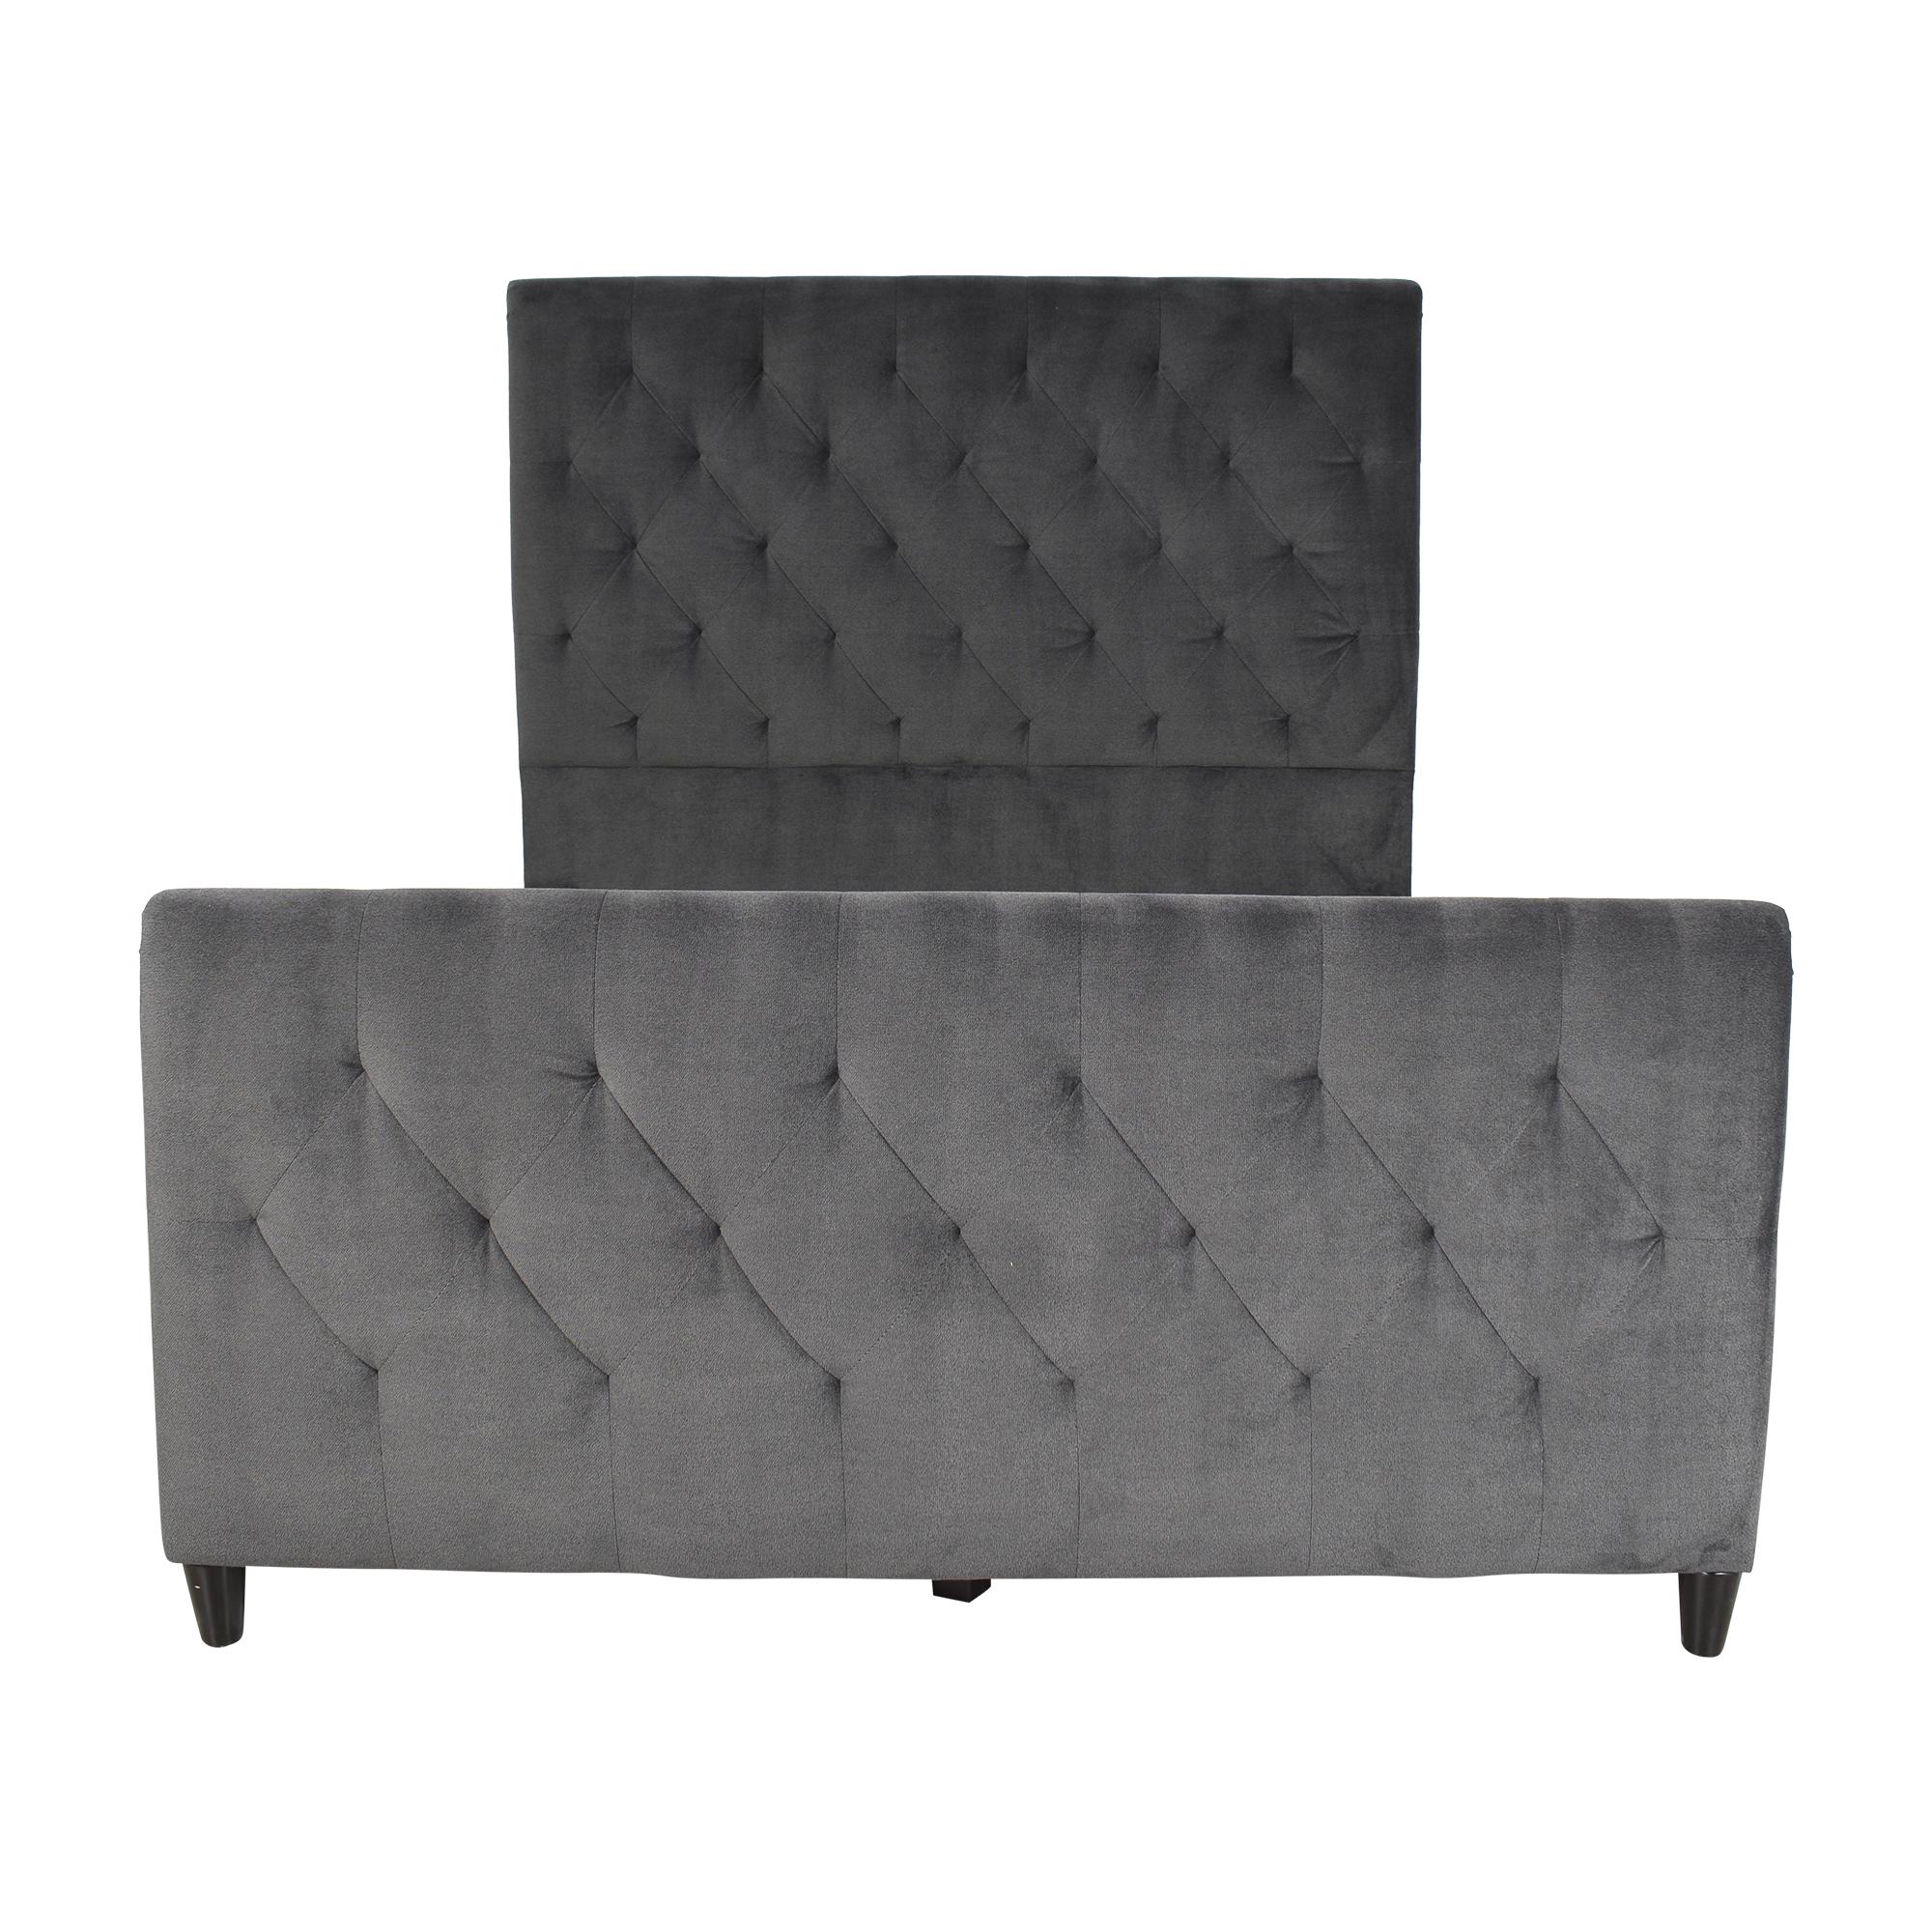 shop Macy's Macy's Upholstered Queen Bed online